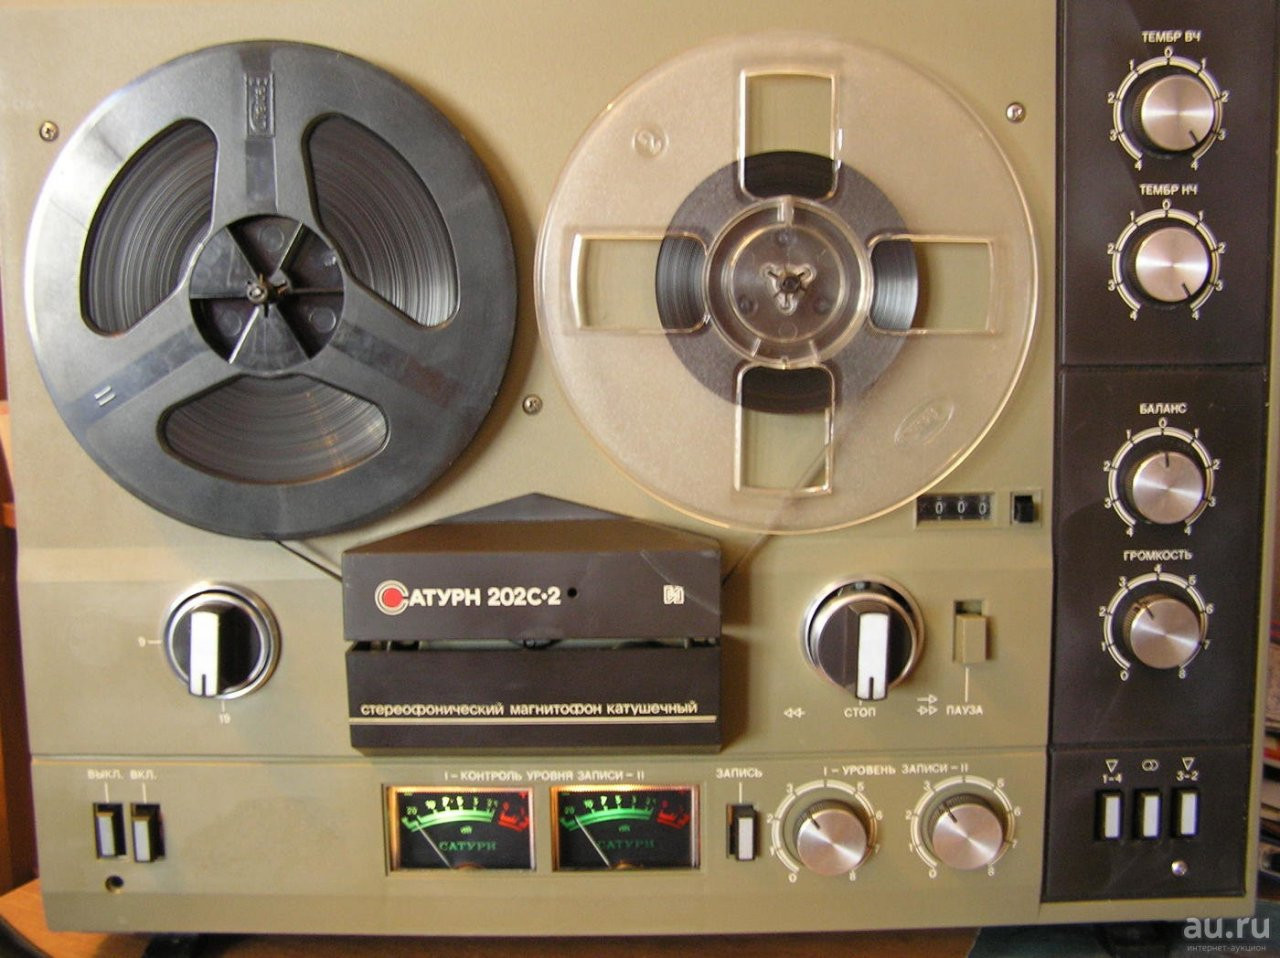 фото катушечного магнитофона тембр стоит огорчаться, если